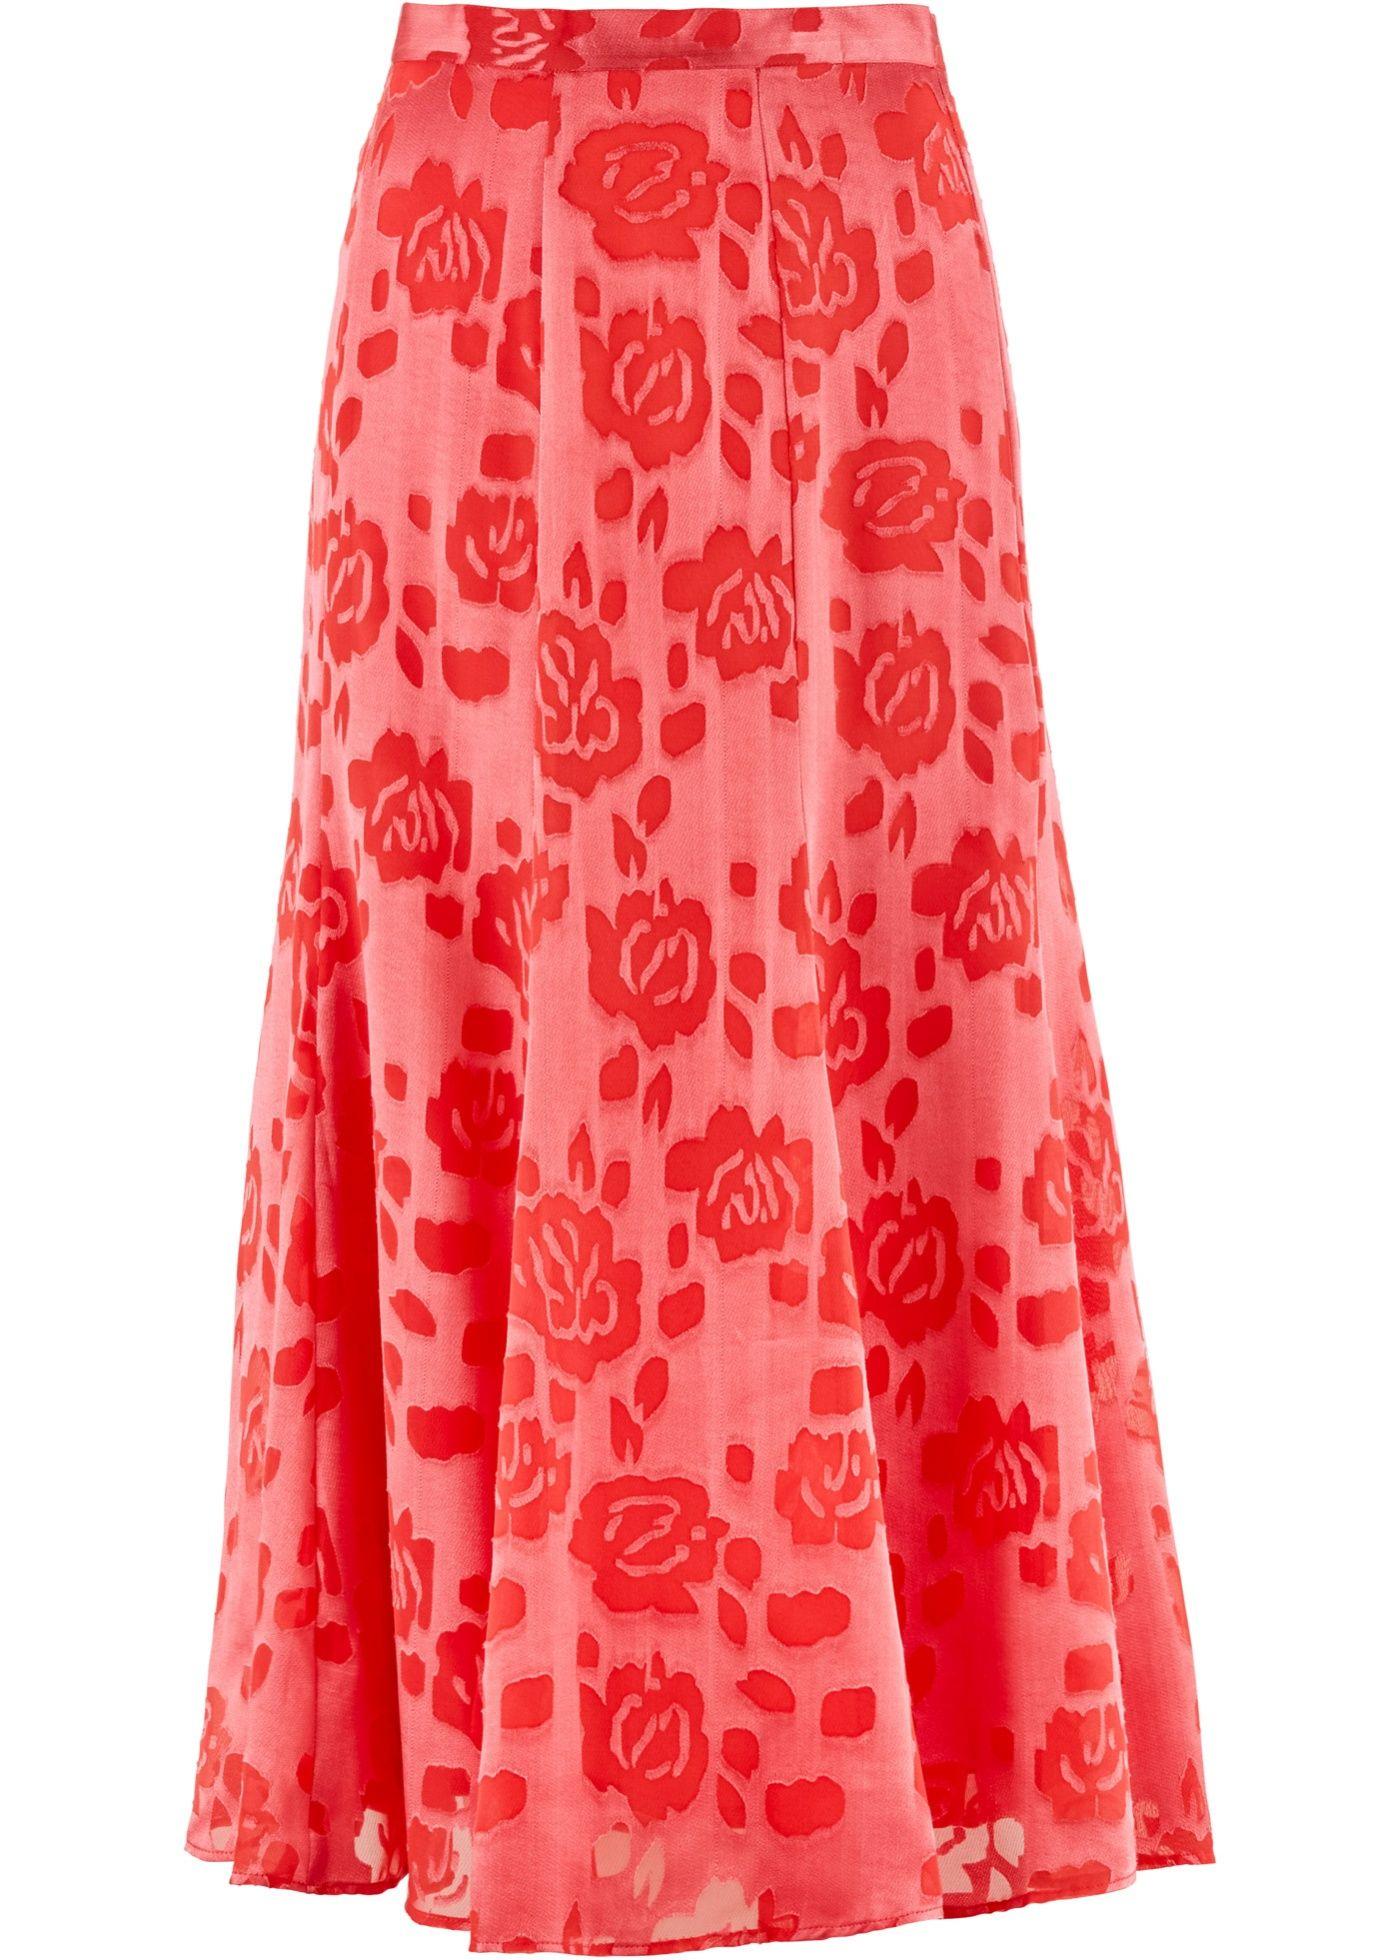 Rok kreeftrood - bpc selection premium nu in de onlineshop van bonprix.nl vanaf € 37.99 bestellen. Chique, lange rok uit de Premium-collectie met gebloemd ...